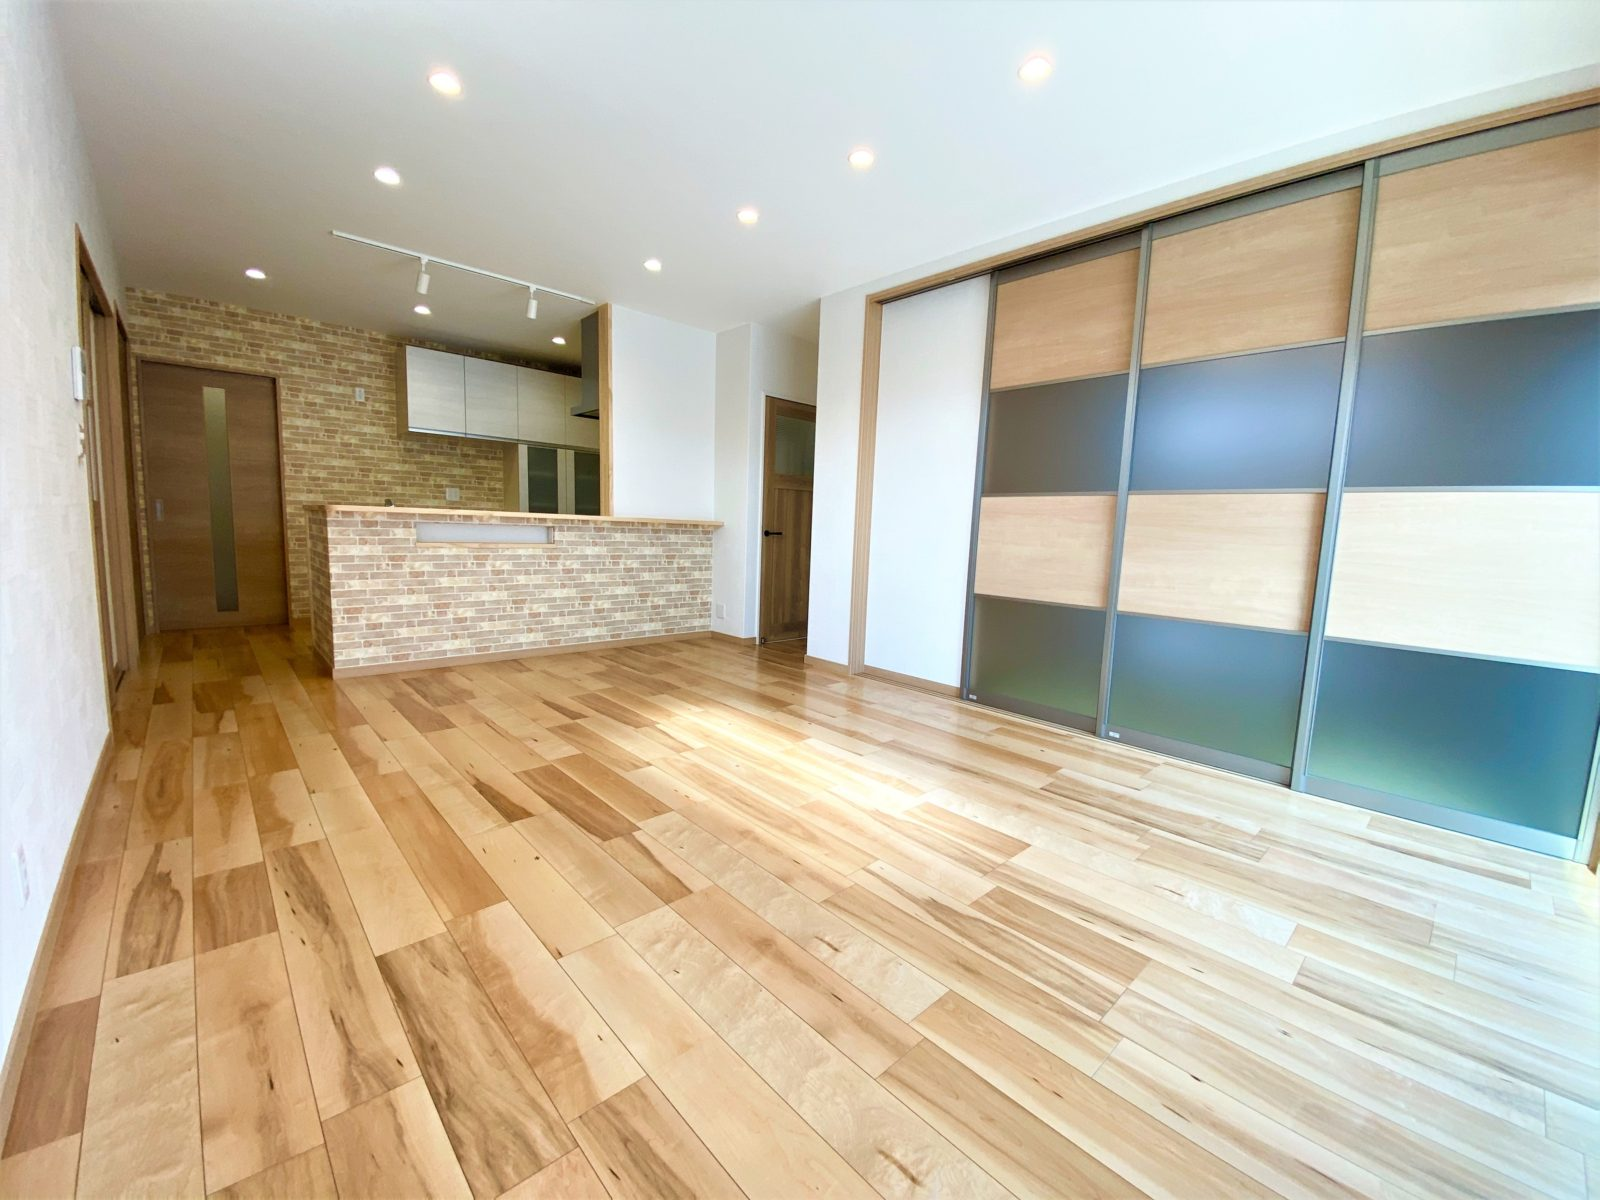 鹿児島市坂之上6丁目でオープンハウス 豊富な収納でスッキリ暮らせる平屋建て